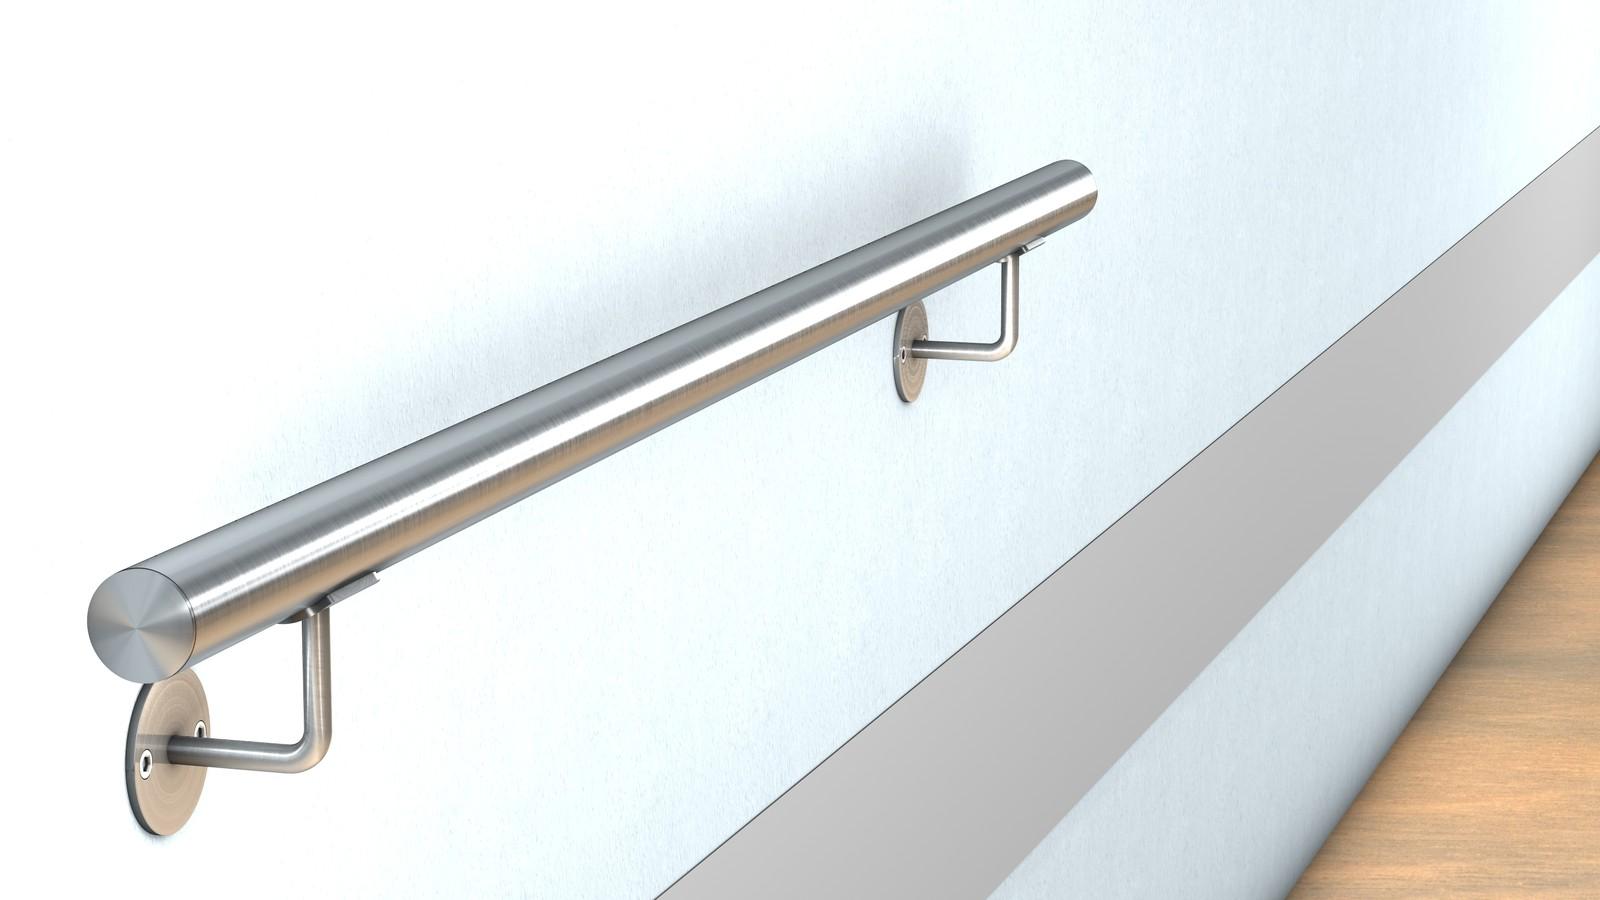 edelstahl wand handlauf befestigung mit sichtbarer verschraubung f r 44 00 bestellen huero. Black Bedroom Furniture Sets. Home Design Ideas